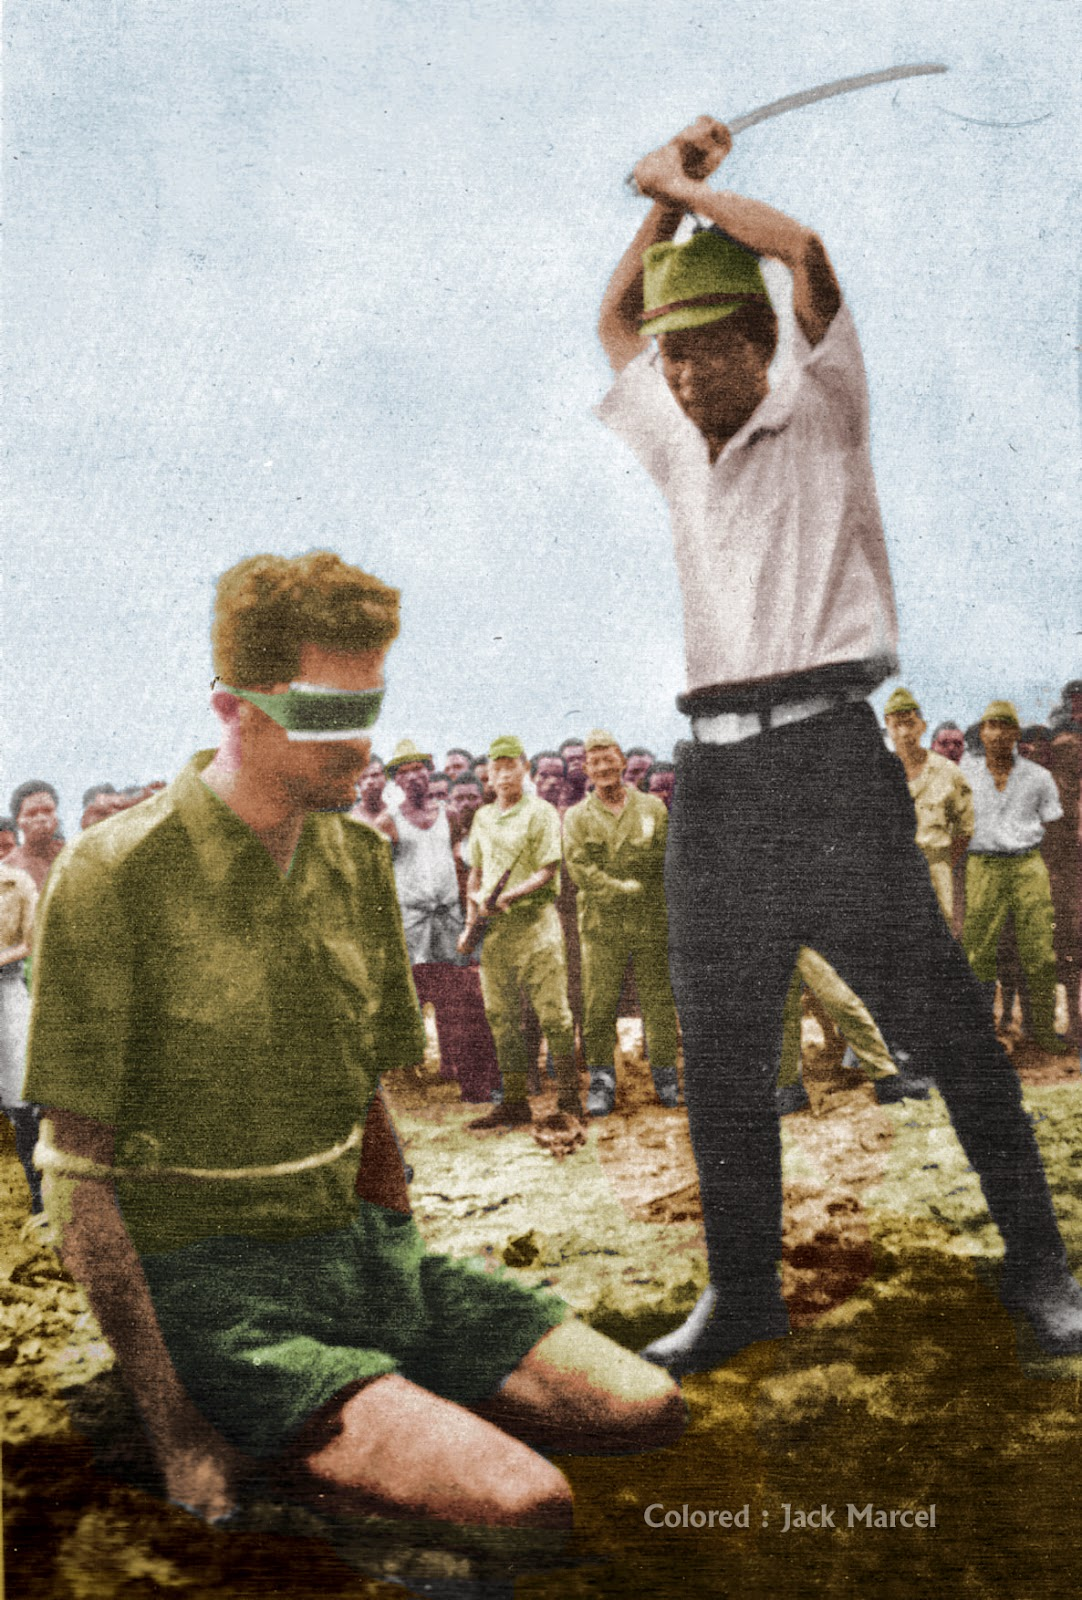 foto kekejaman tentara jepang di indonesia selama perang dunia ke -2